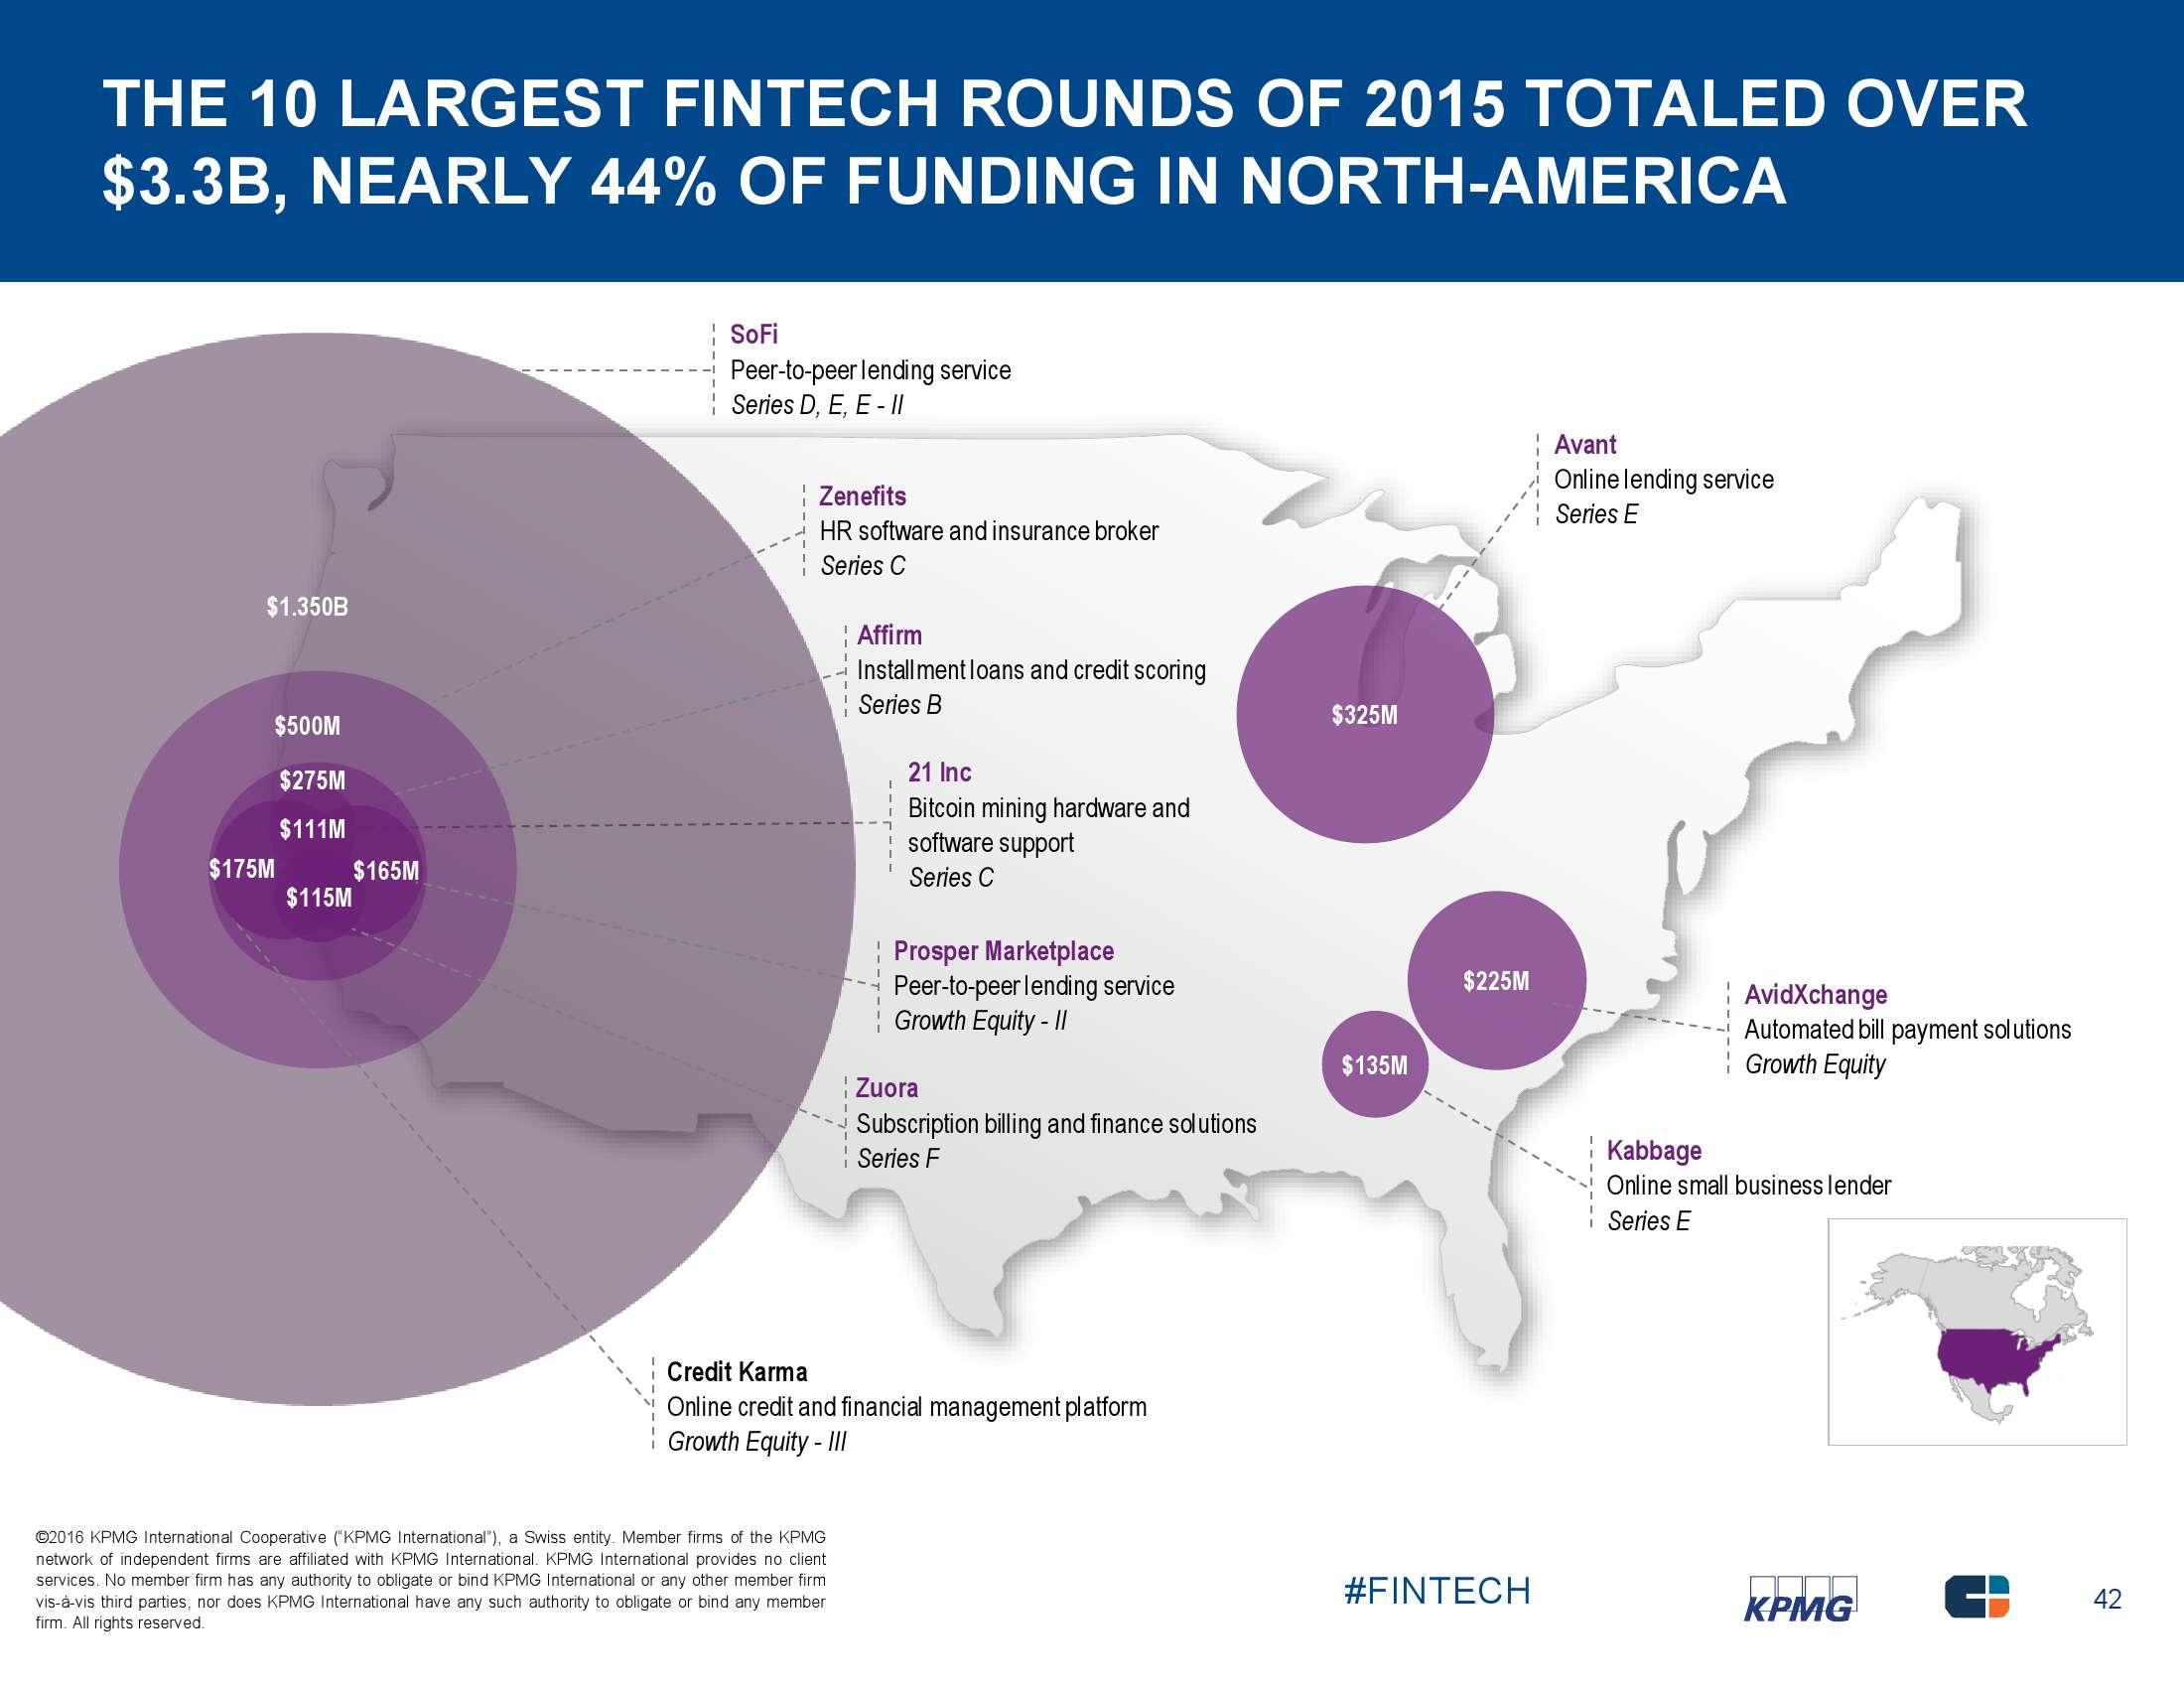 毕马威:2015年全球互联网金融报告_000042